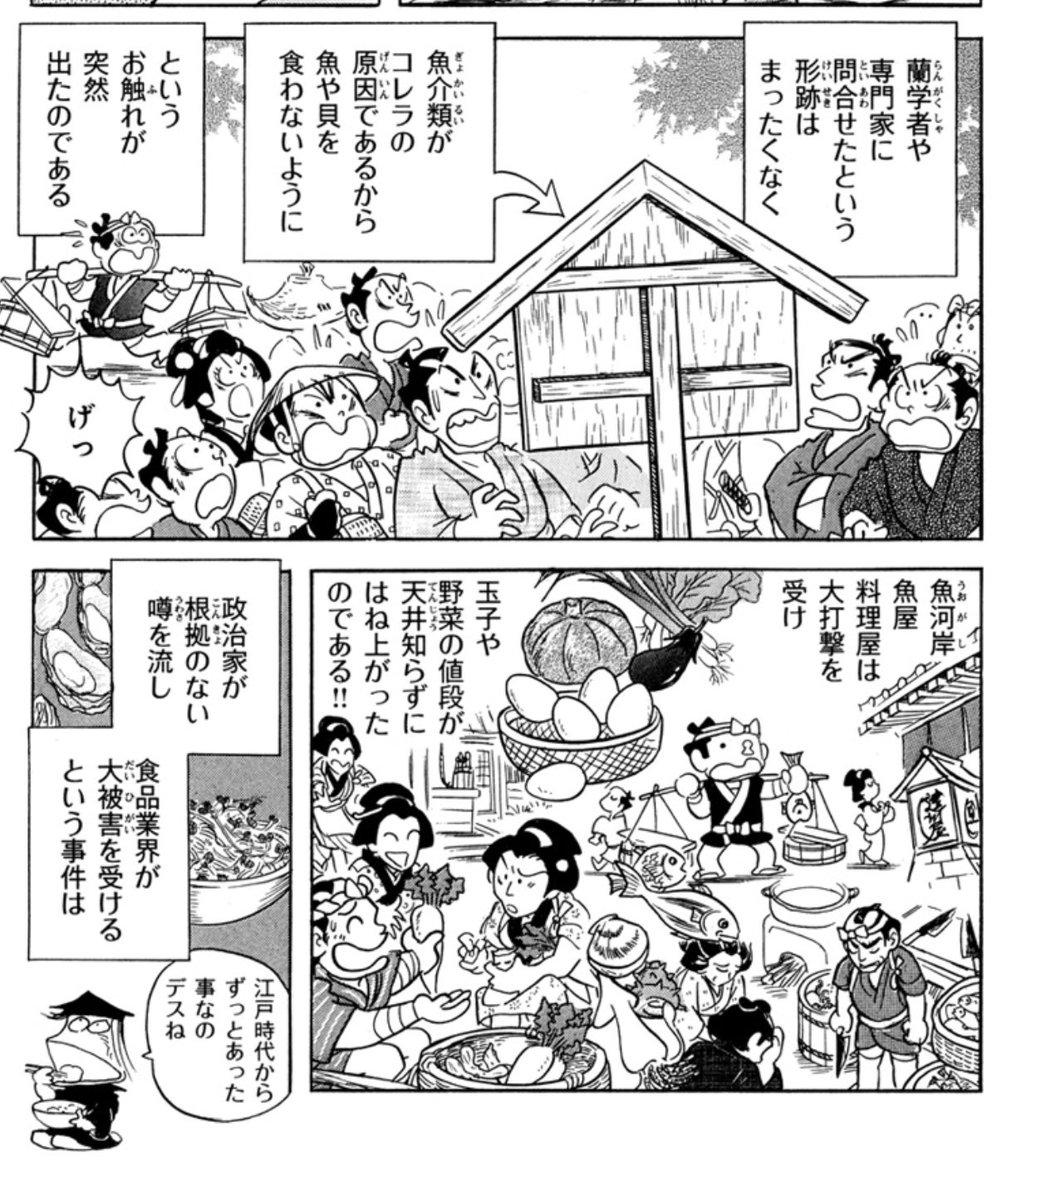 今だと、狂牛病とか福島の食材とか、っていうことになるのかな。江戸時代よりは、マスコミの果たす役割も大きいだろう(無責任なのは変わってないと思うが)|「根拠のない噂を流し 食品業界が大打撃」みなもと太郎『風雲児たち 幕末編』16巻より https://t.co/rld79gatGN